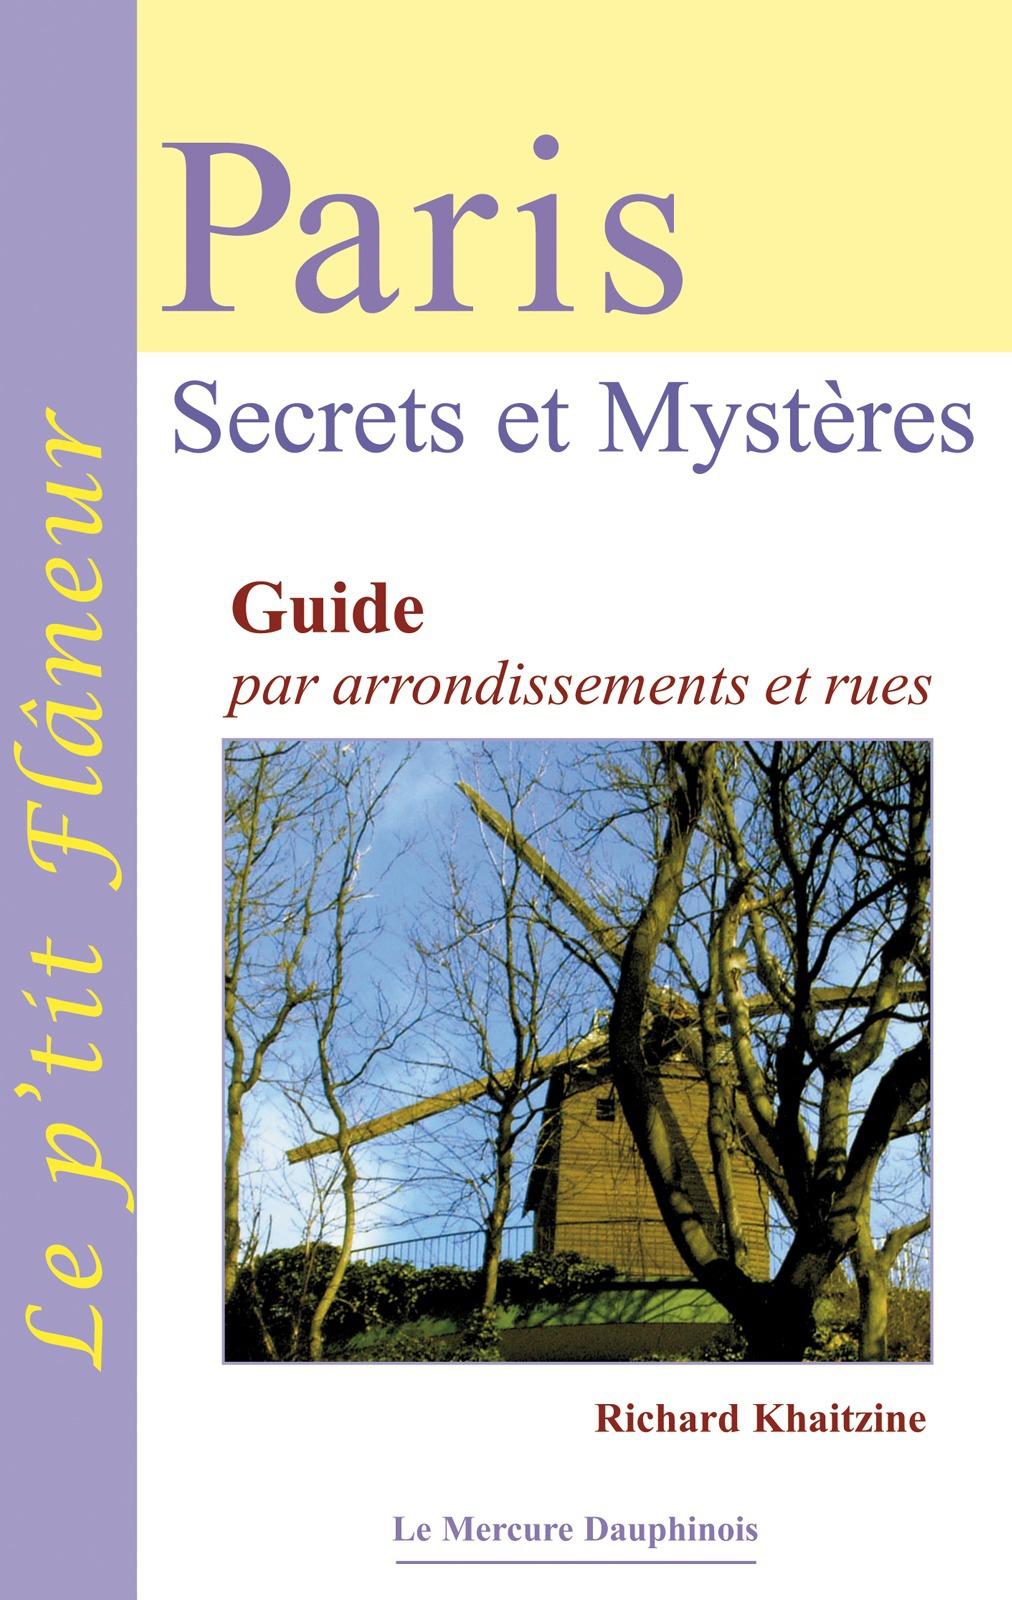 Paris, secrets et mysteres ; guide par arrondissement et rues